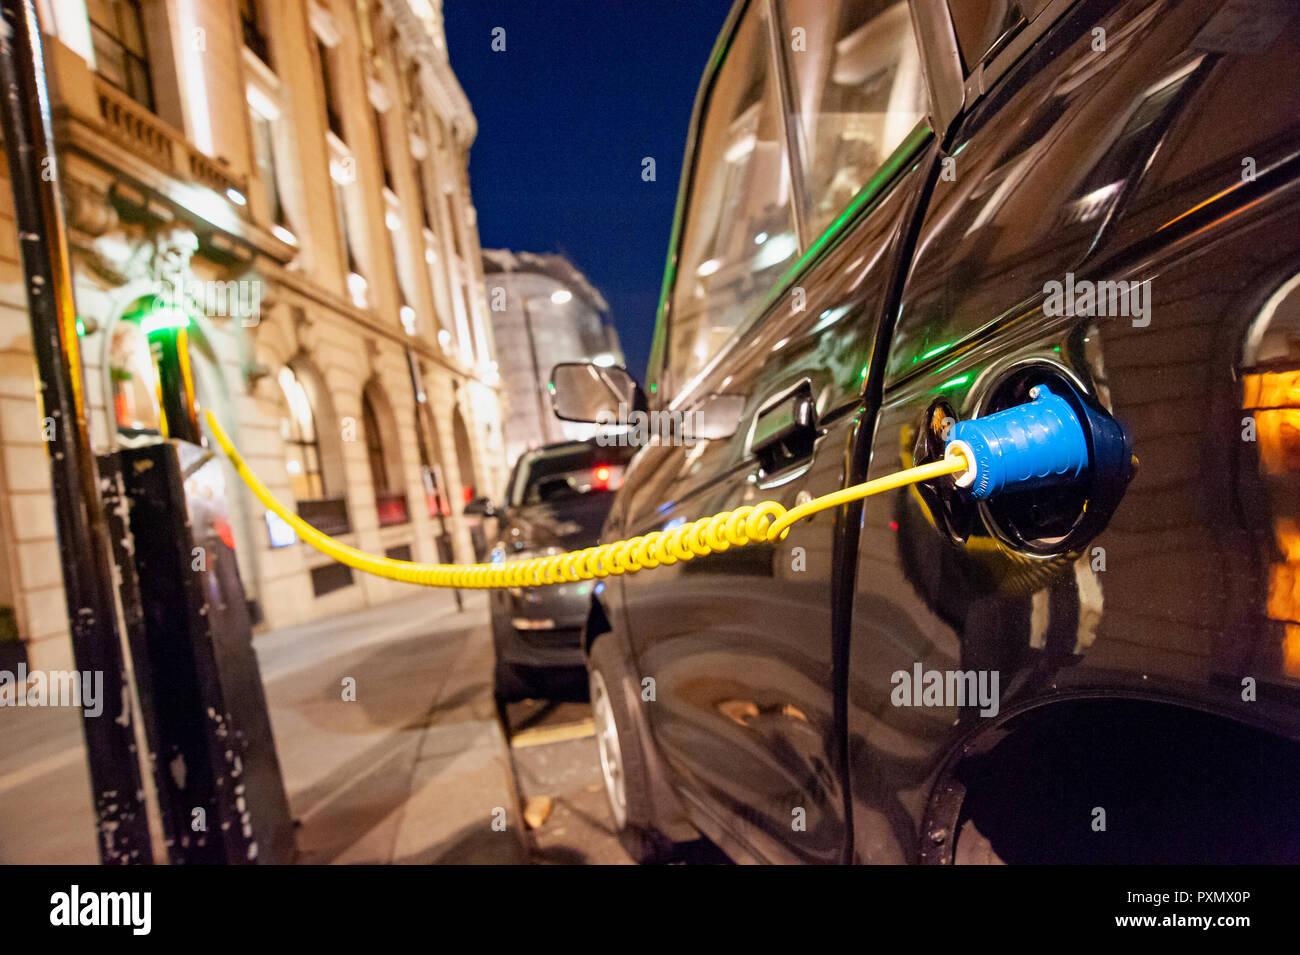 Coche eléctrico que cobra en una ciudad calle de carga de instalaciones, Reino Unido, Londres Foto de stock